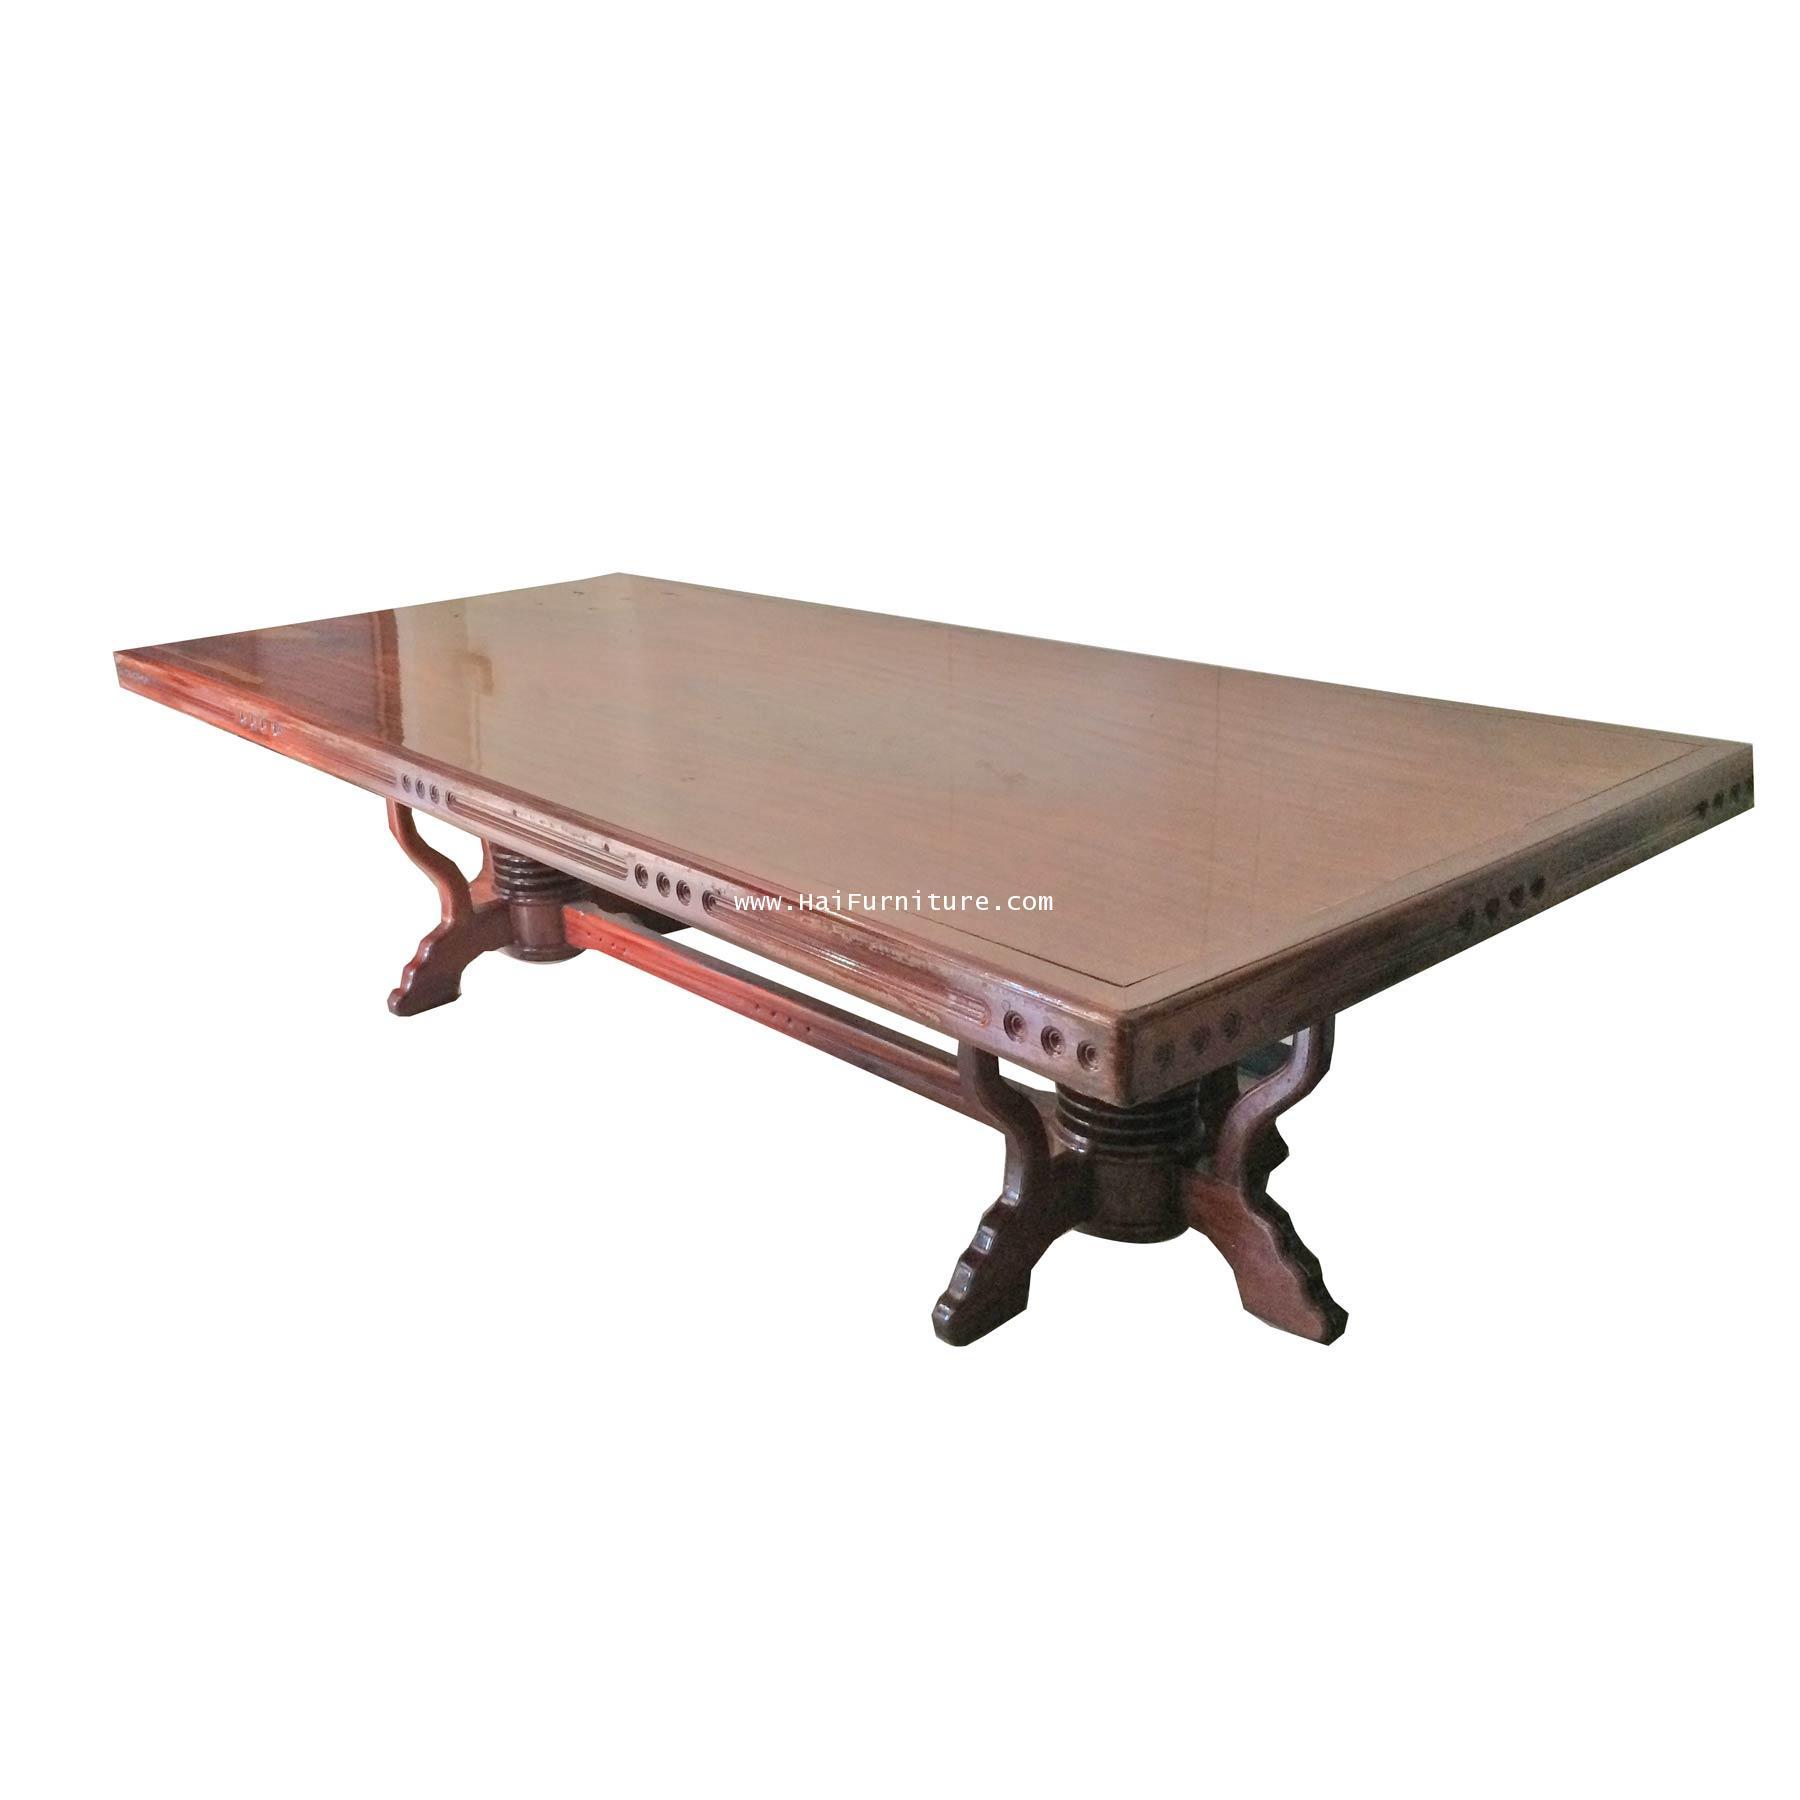 โต๊ะอาหารไม้มะค่า ปี 1980 300*136*75 ซม. ไม้หนา 10 ซม.